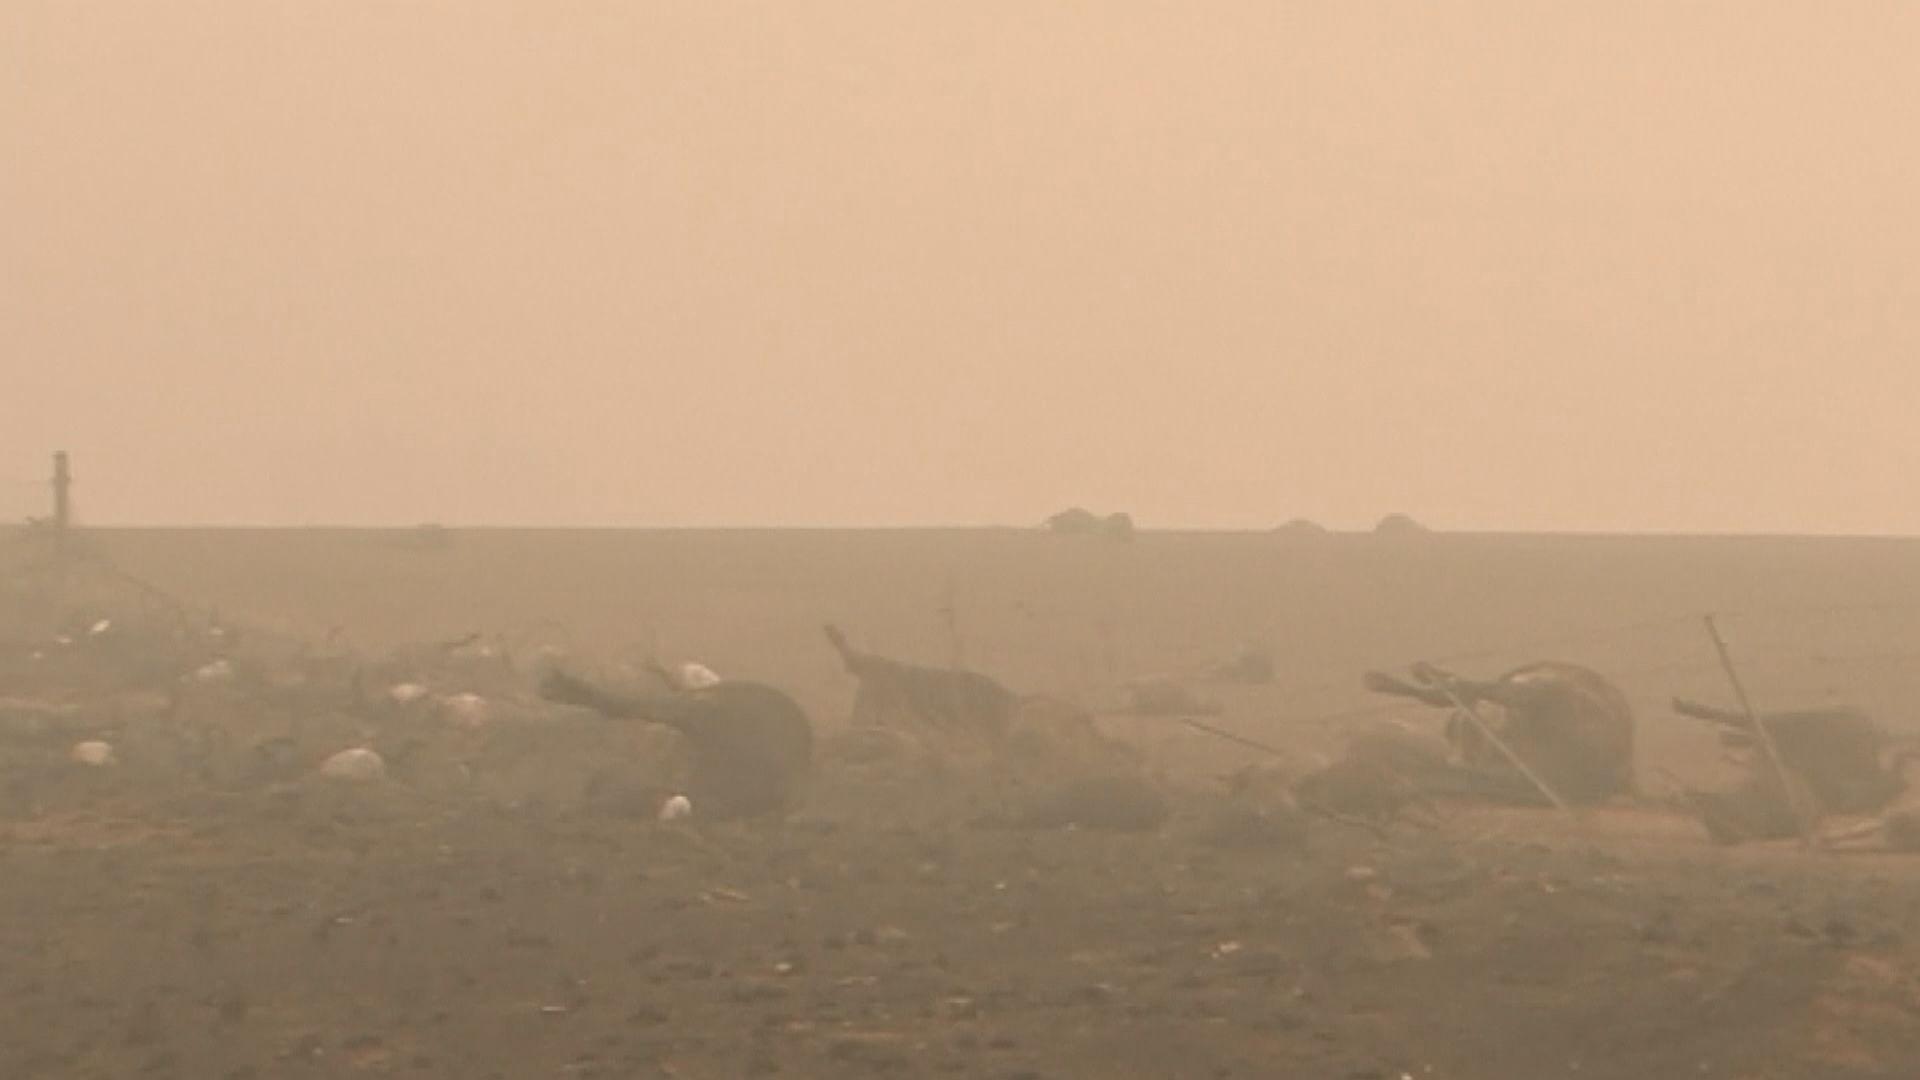 澳洲山火持續 專家估計新南威爾斯州近5億動物被燒死